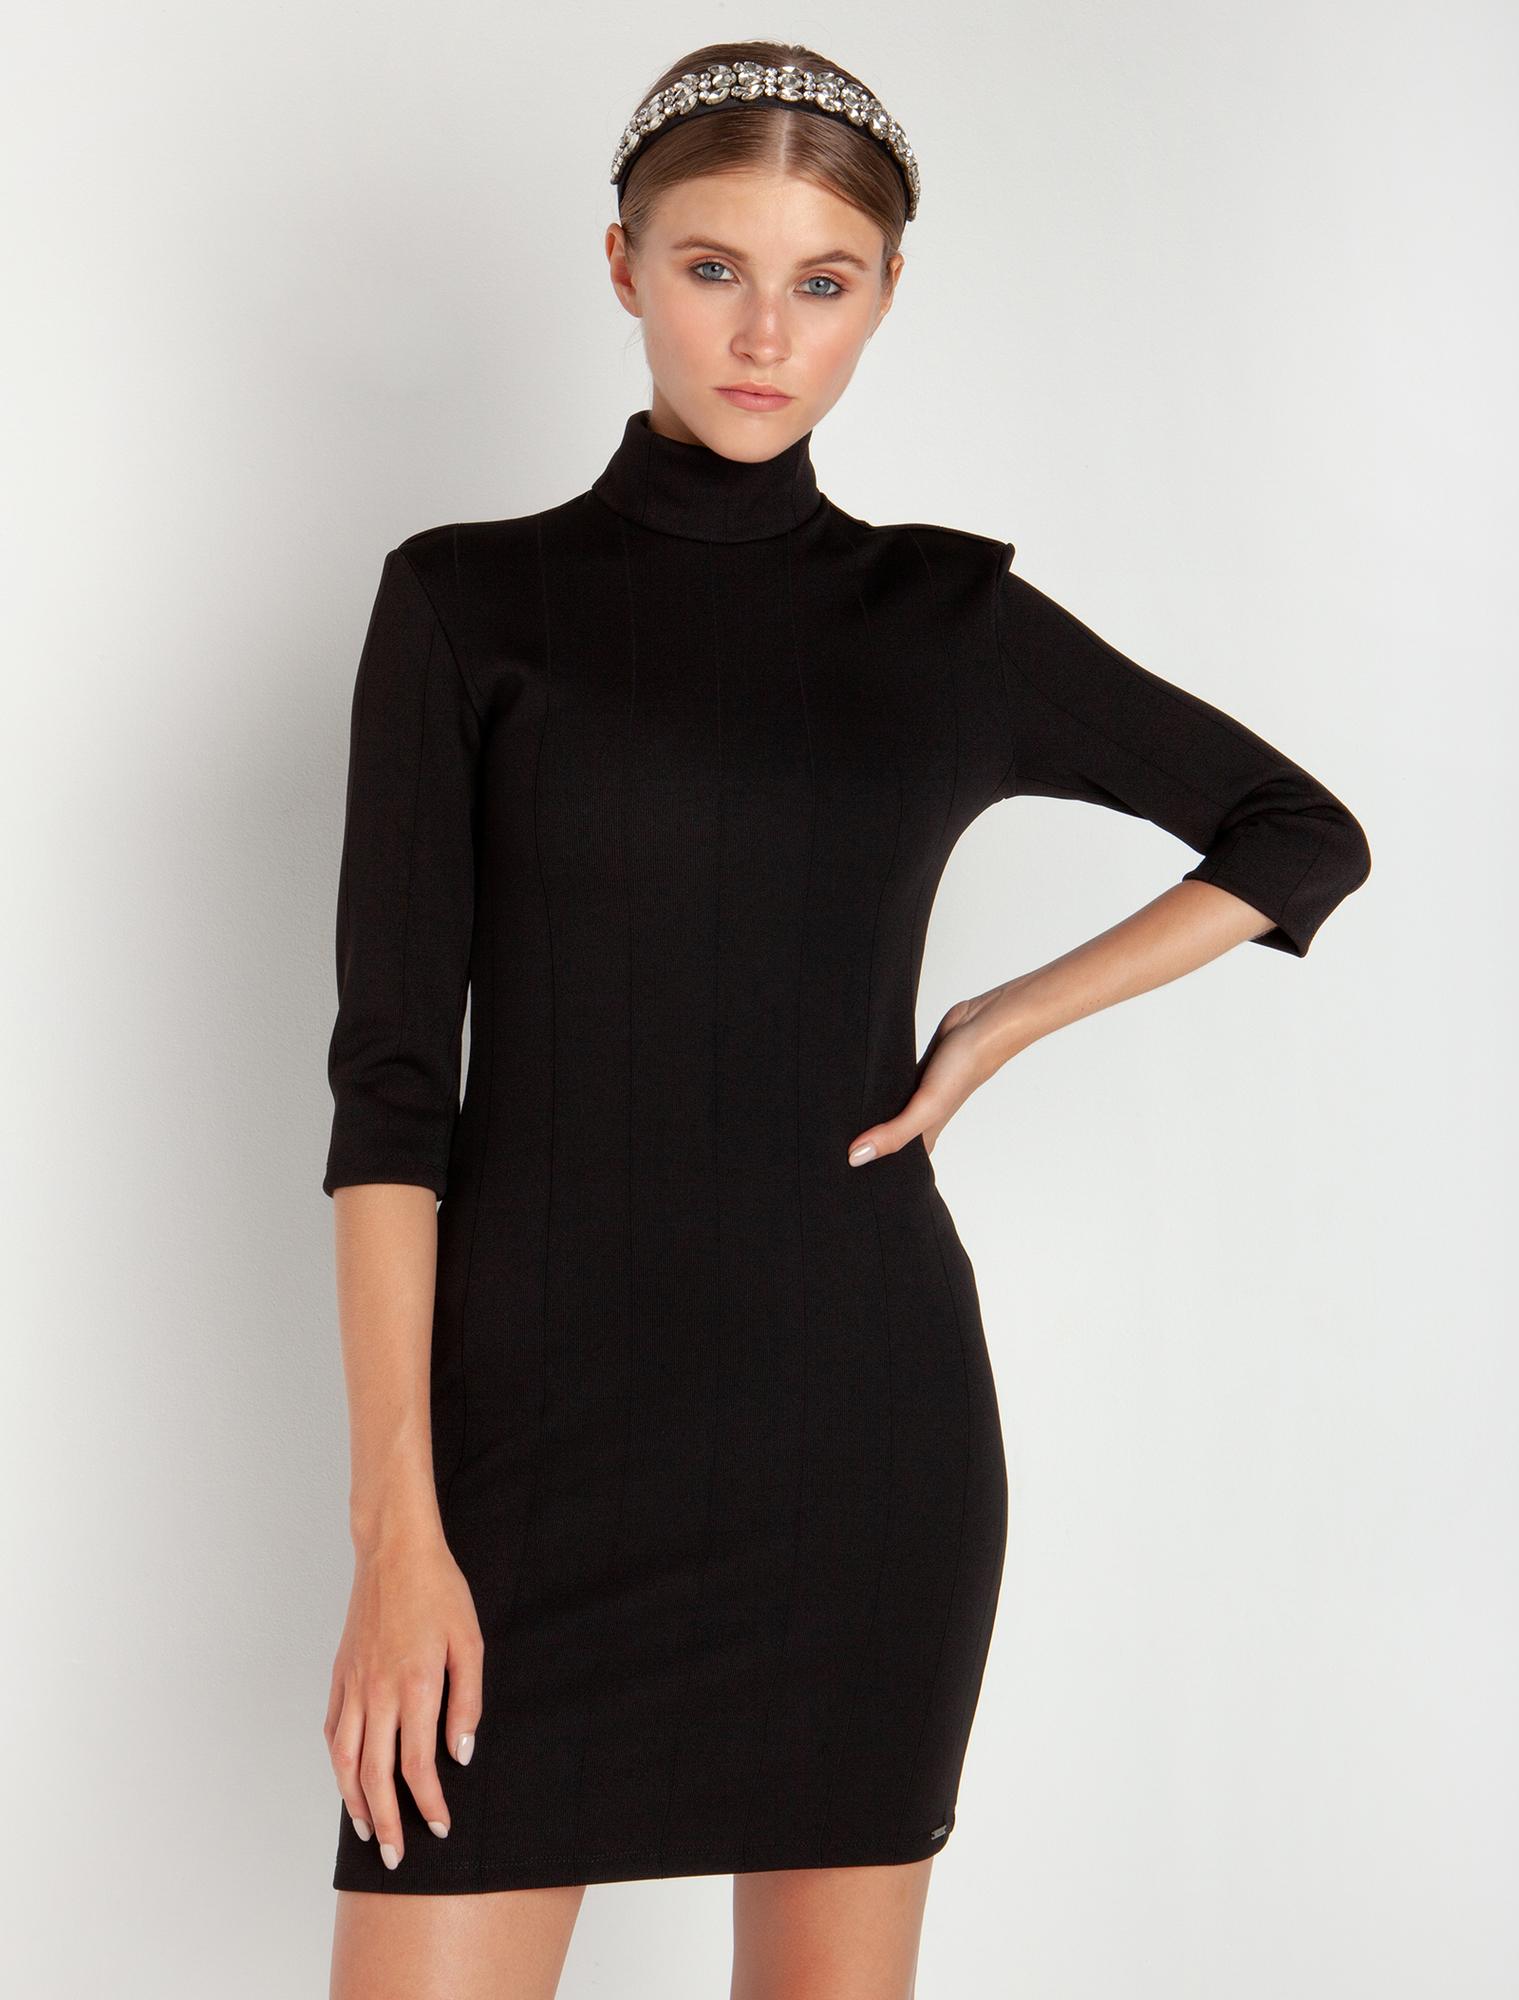 Φόρεμα με ανοιχτή πλάτη - ΜΑΥΡΟ